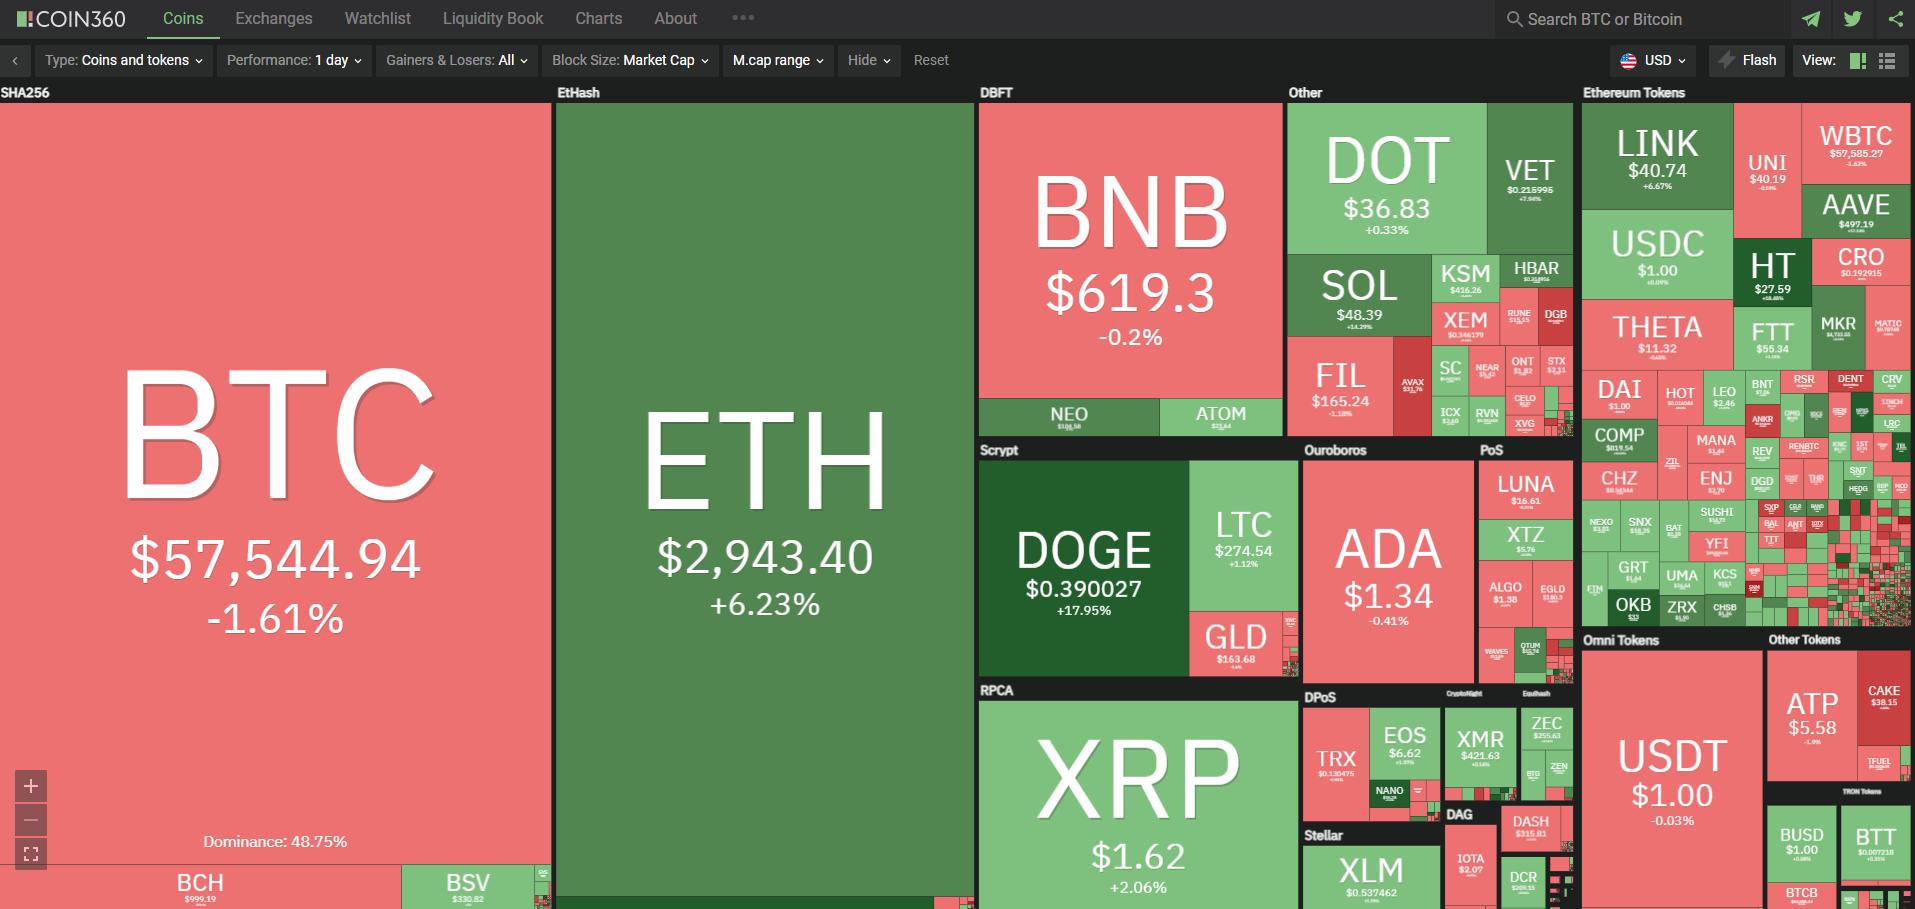 Toàn cảnh thị trường tiền kĩ thuật số ngày 2/5/2021. (Ảnh: Coin360.com).